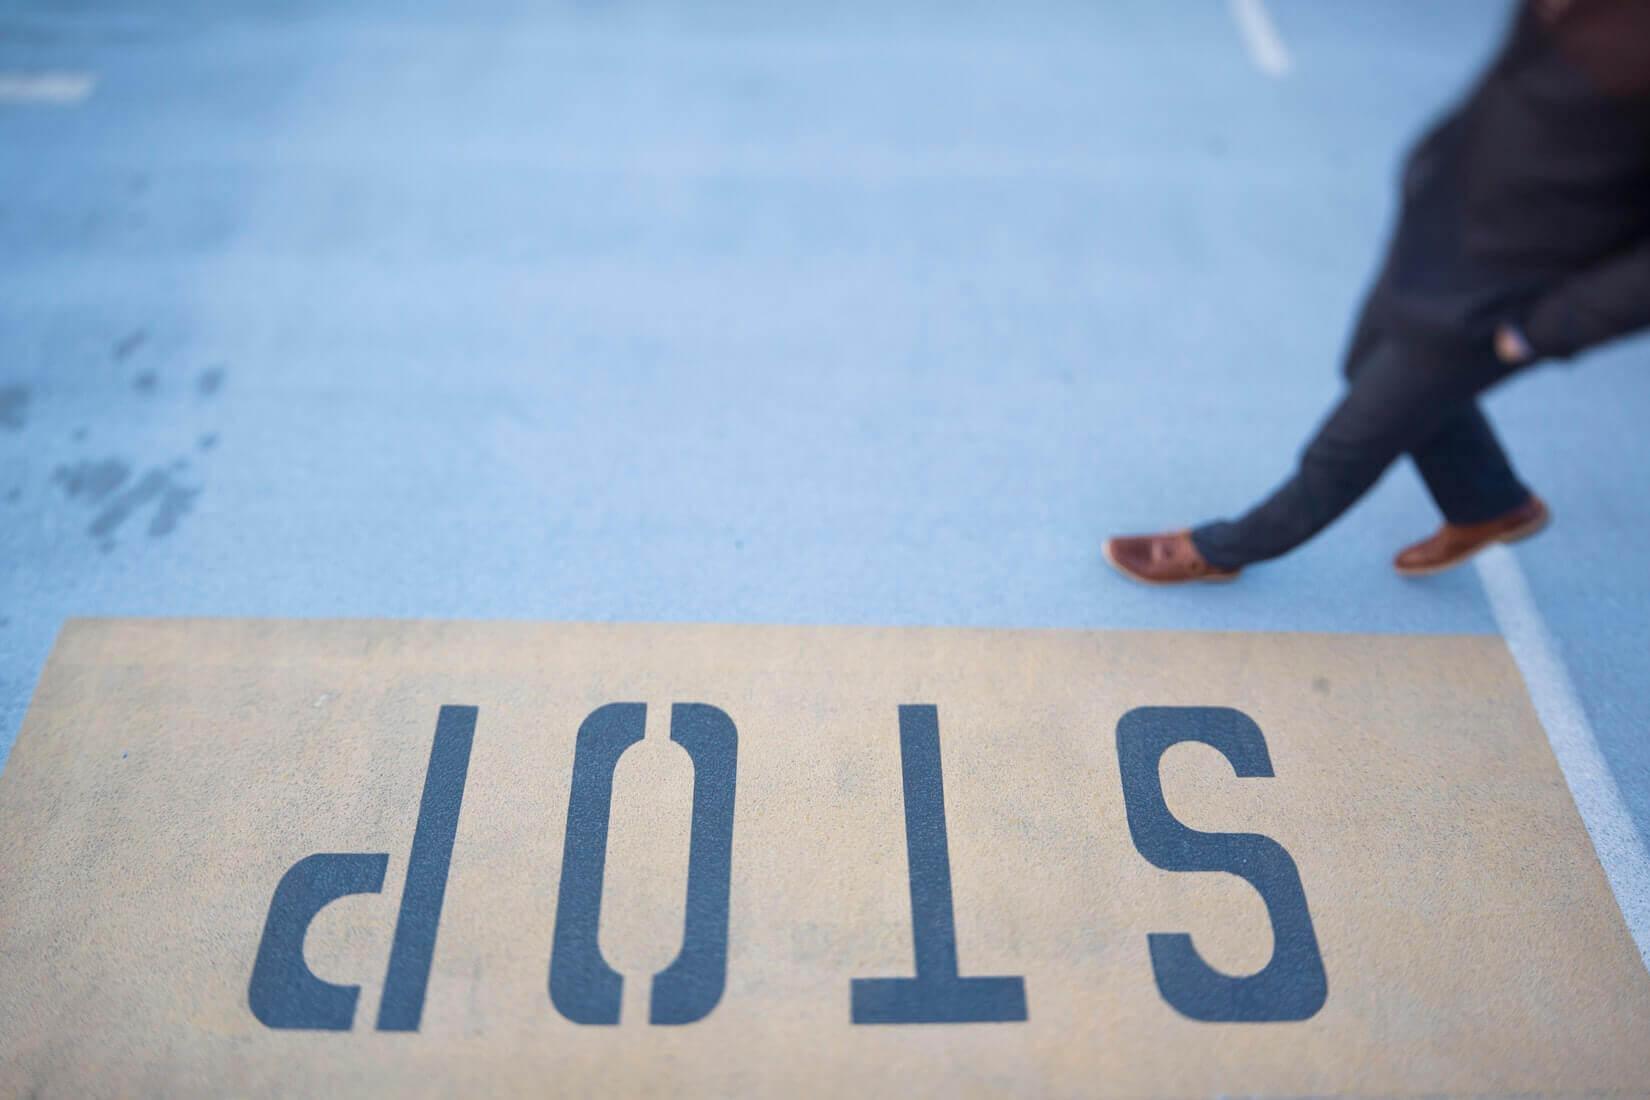 Поясним за новости: Чехия, Непал и Шри-Ланка перестают выдавать визы